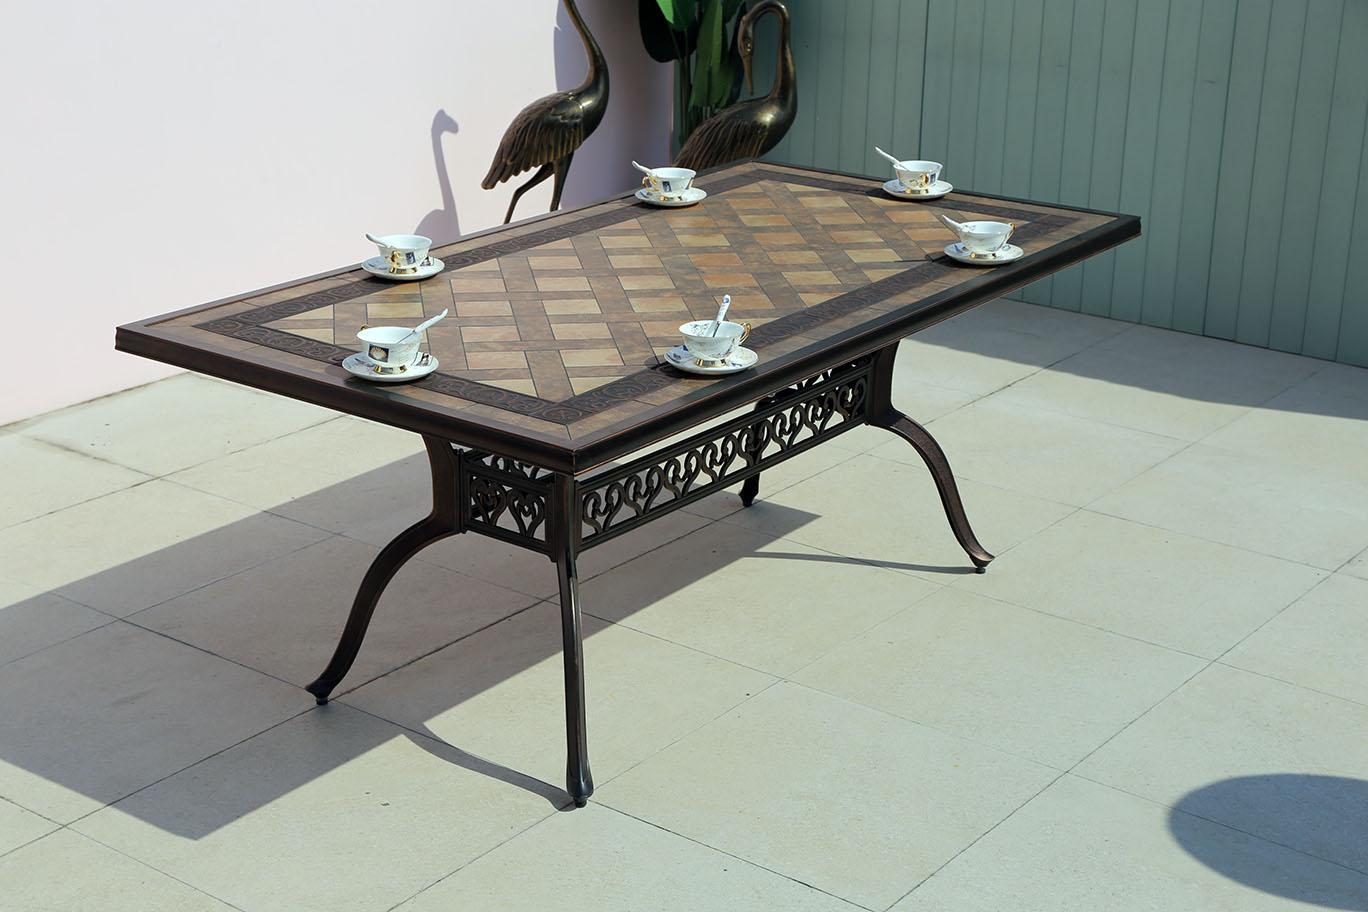 Как ухаживать за керамическим столом